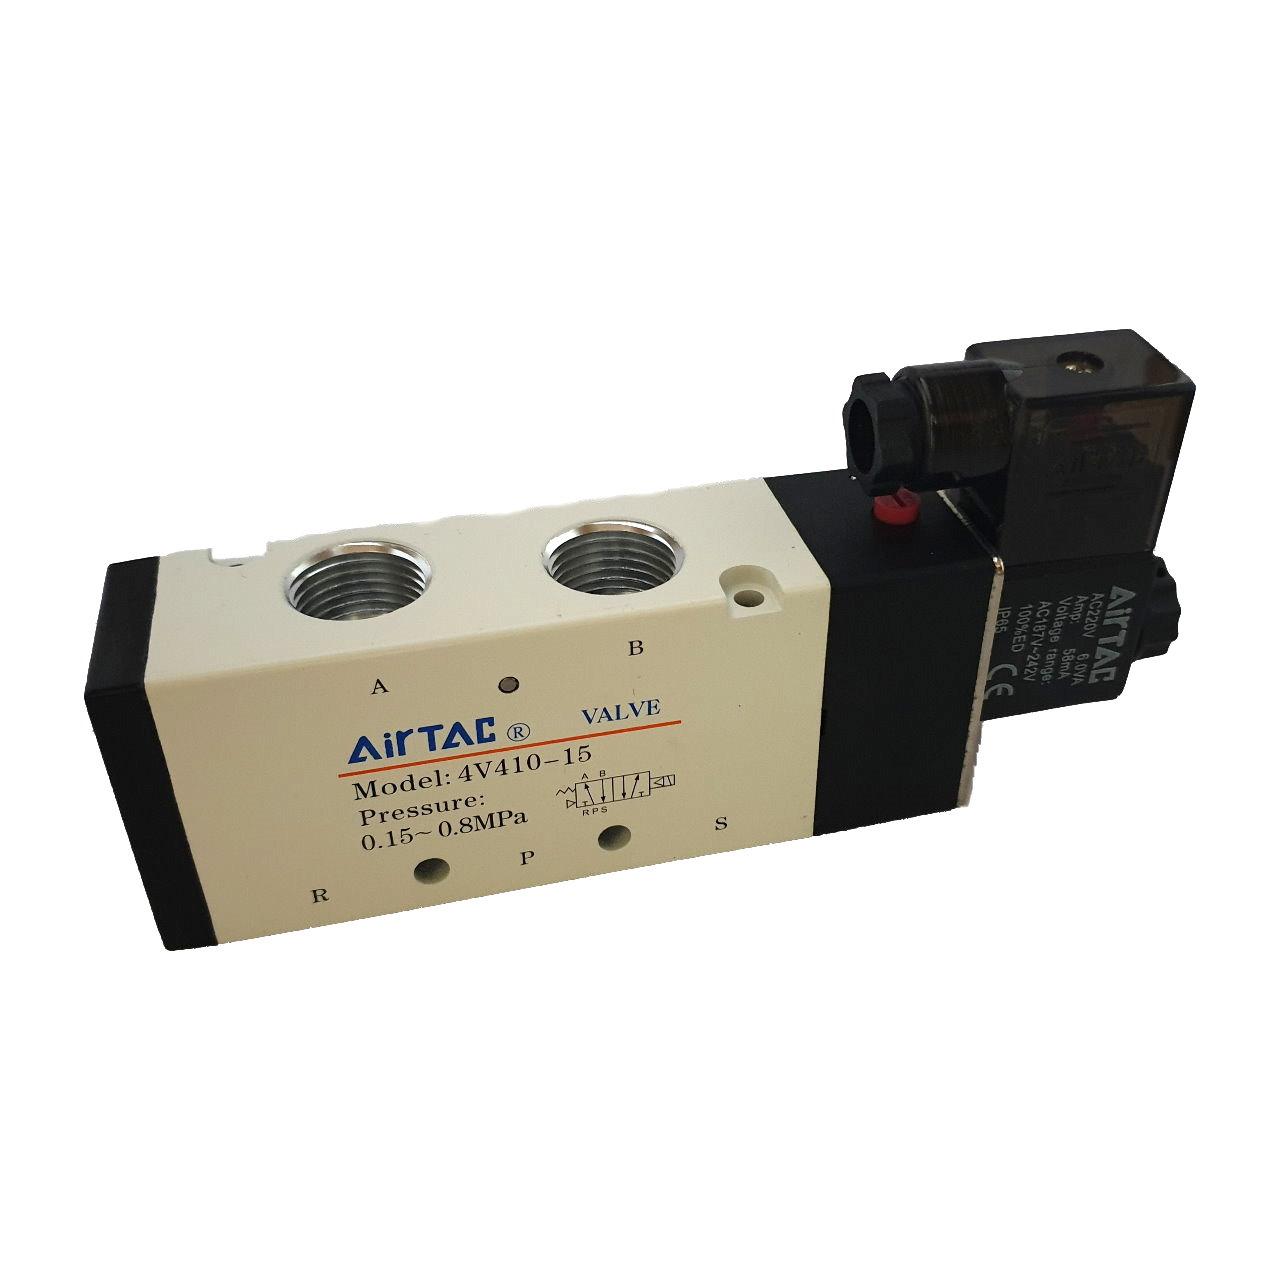 شیر برقی پنوماتیک ایرتک مدل 4v-410-15-220v